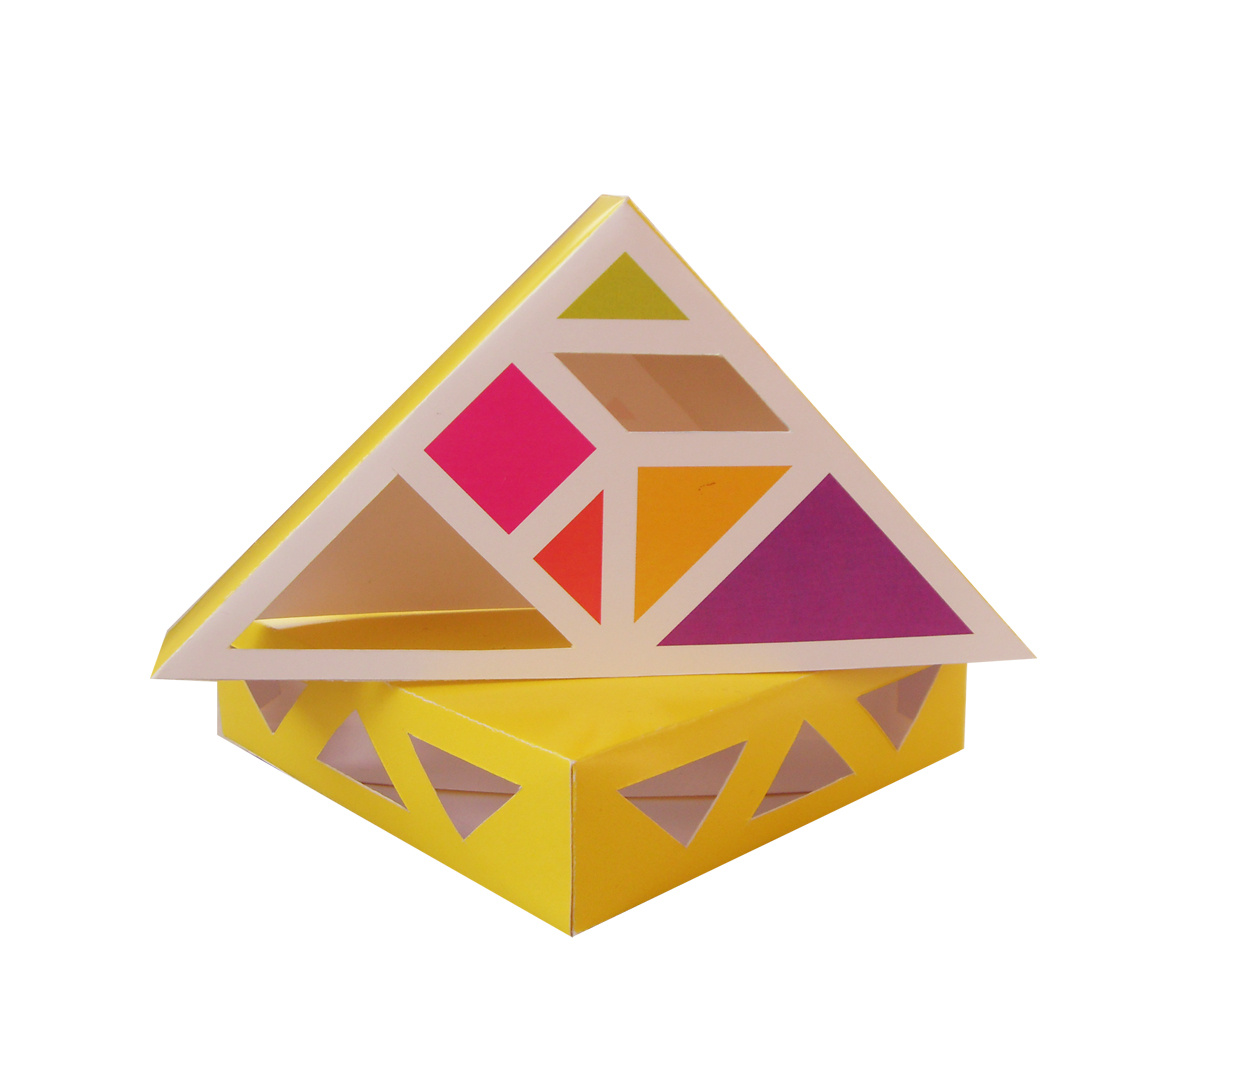 七巧板包装设计图片